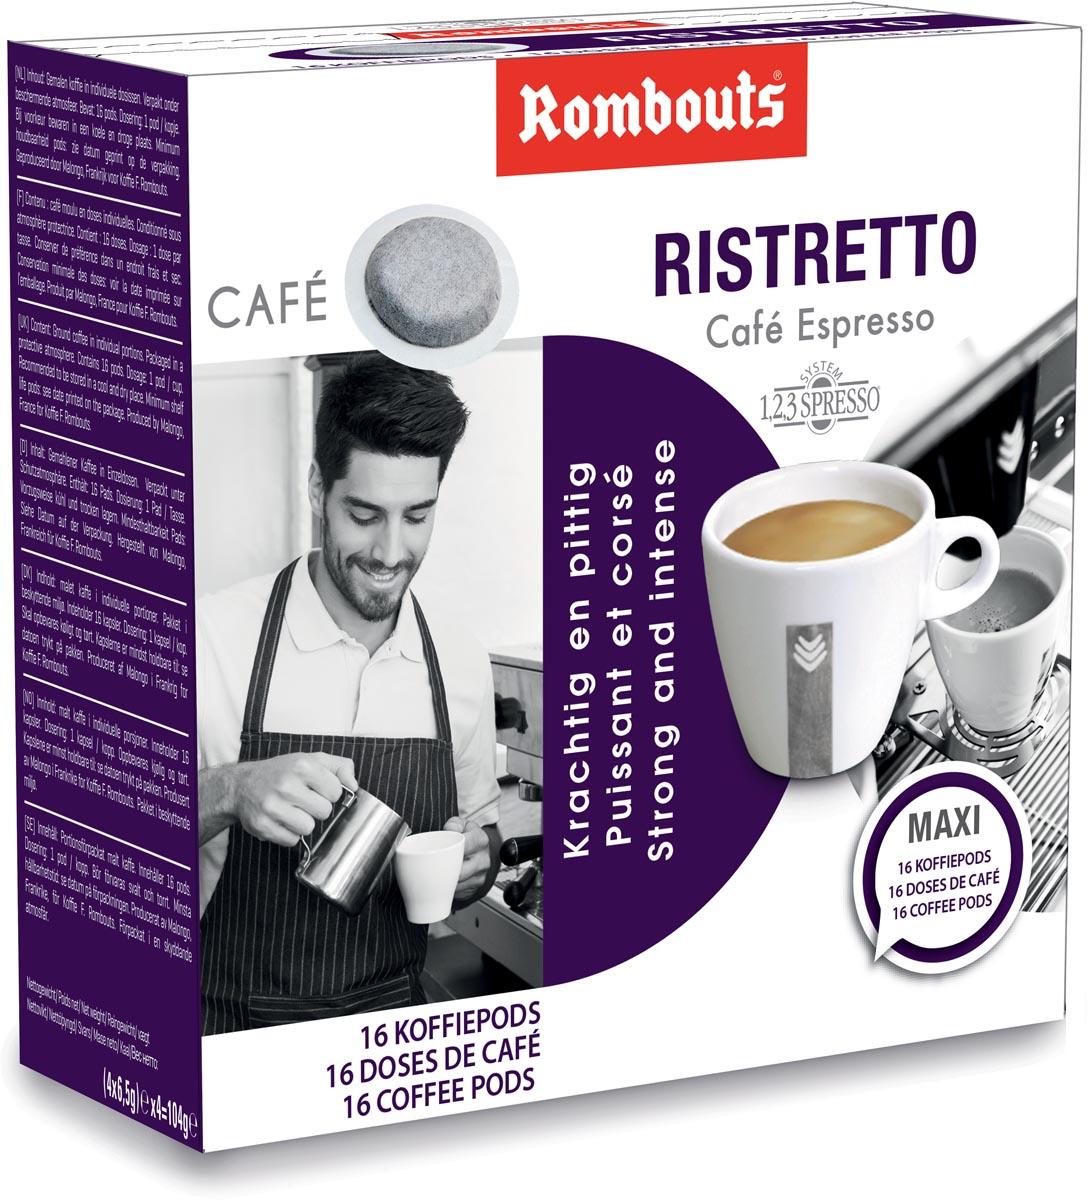 Rombouts koffiepads voor espresso, Ristretto, pak van 16 stuks